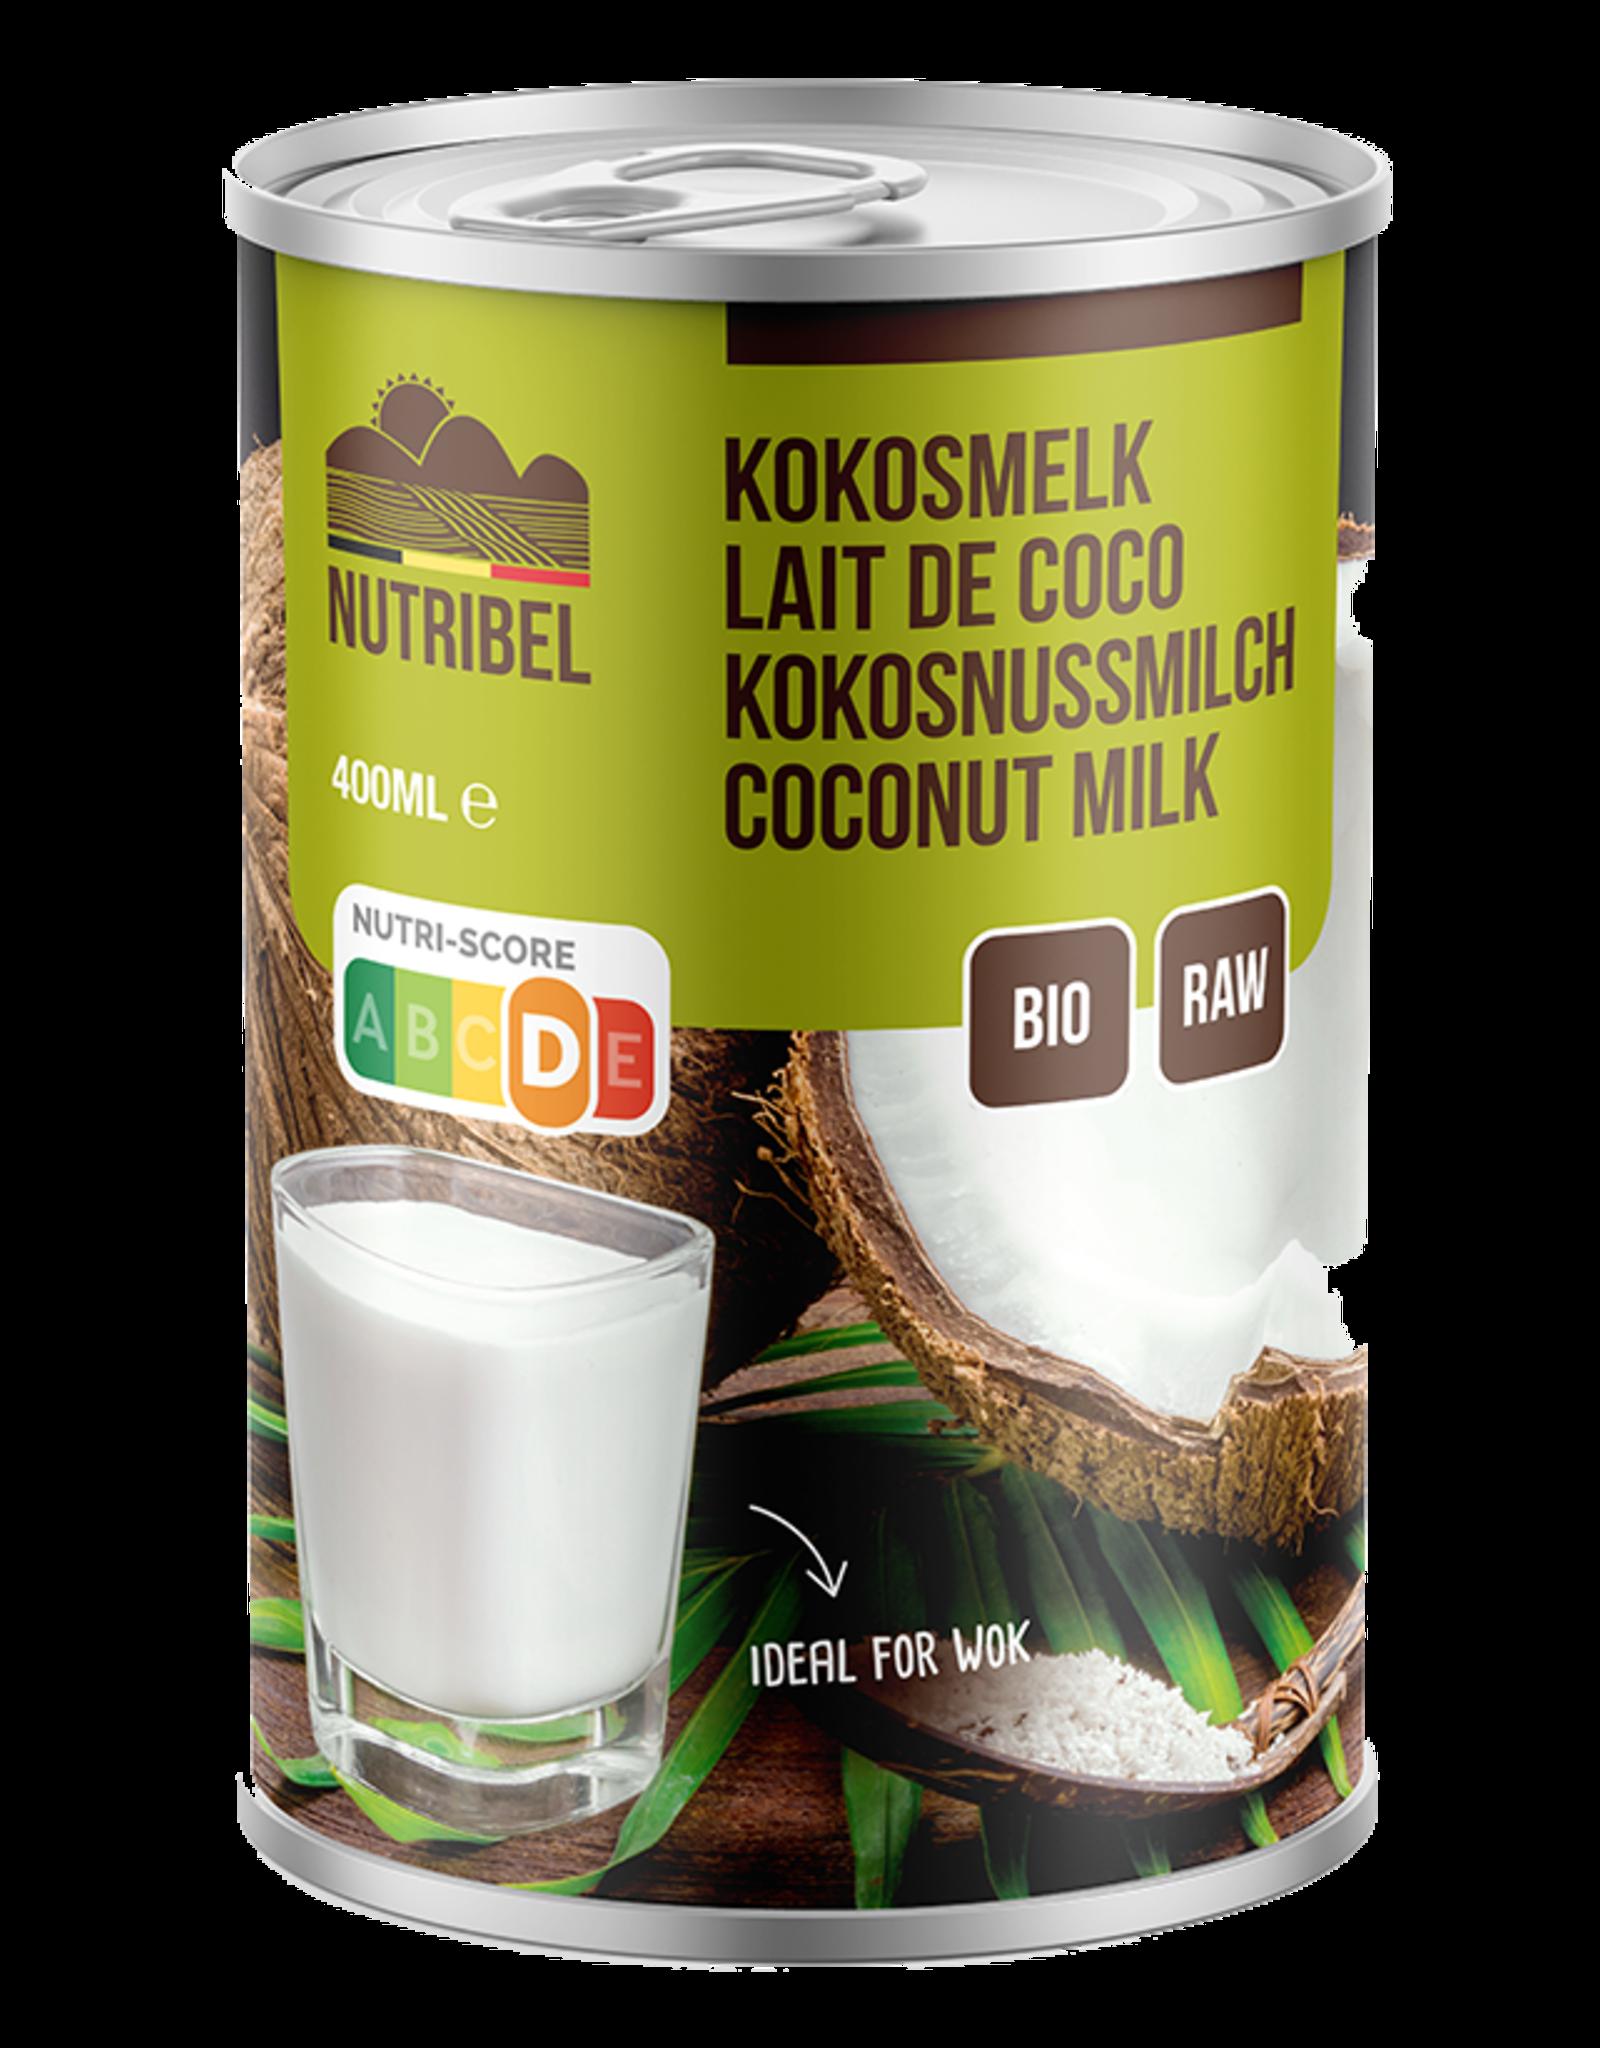 Nutribel Lait de noix de coco bio & sans gluten 400ml